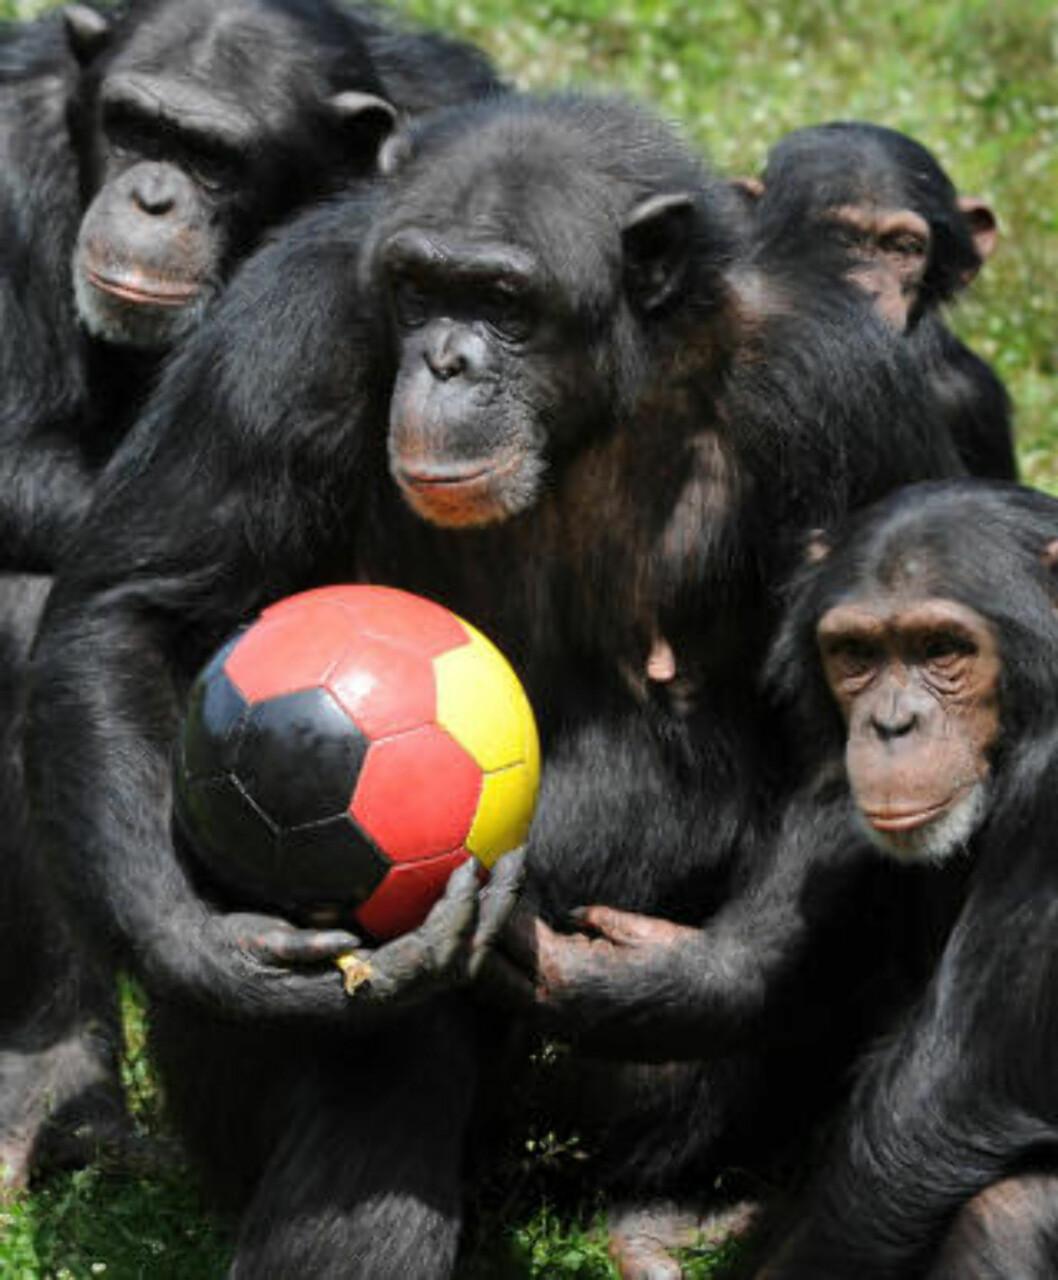 <strong>SAMARBEIDER:</strong> Sjimpanser bor i grupper og samarbeider for å overleve. Forskerne bak studien mener resultatene kan si noe om opprinnelsen til denne egenskapen. Foto: AFP PHOTO/PETER STEFFEN/SCANPIX